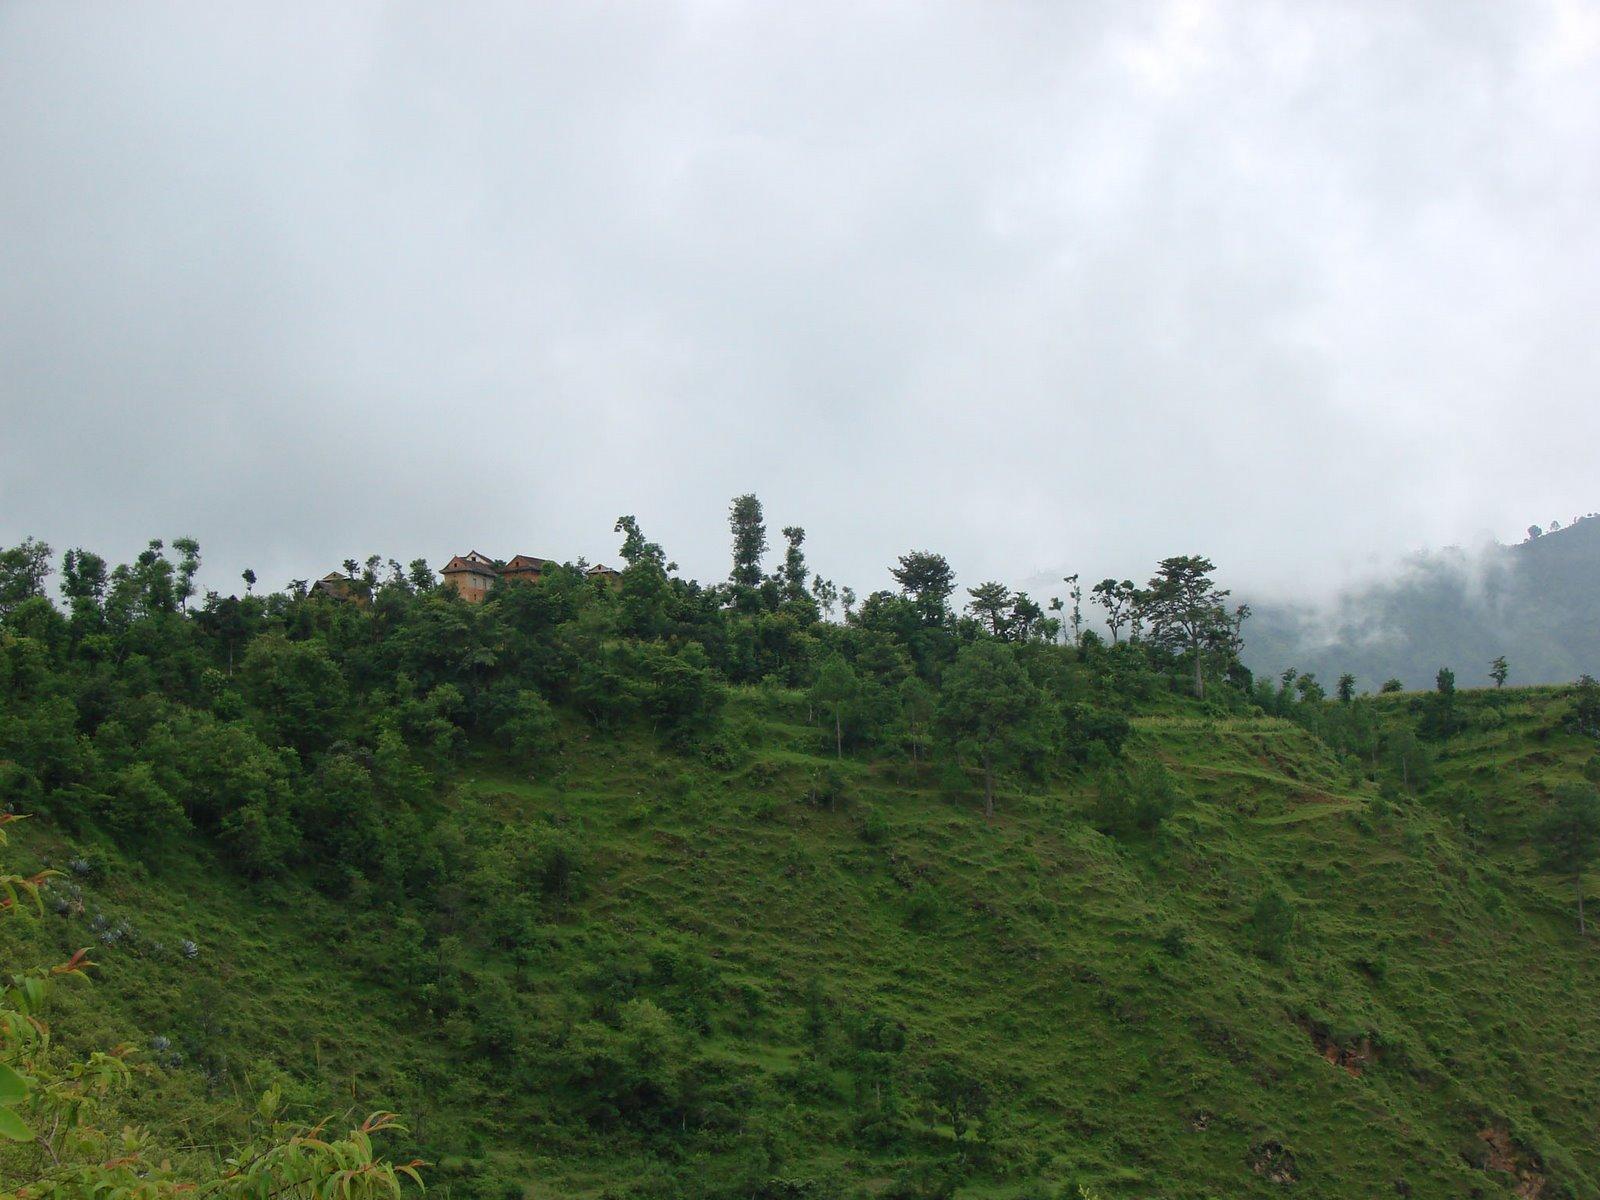 [Nepalthok+to+Dumjha+to+Nepalthok,+Sunday,+Aug+12,+2007+168.jpg]